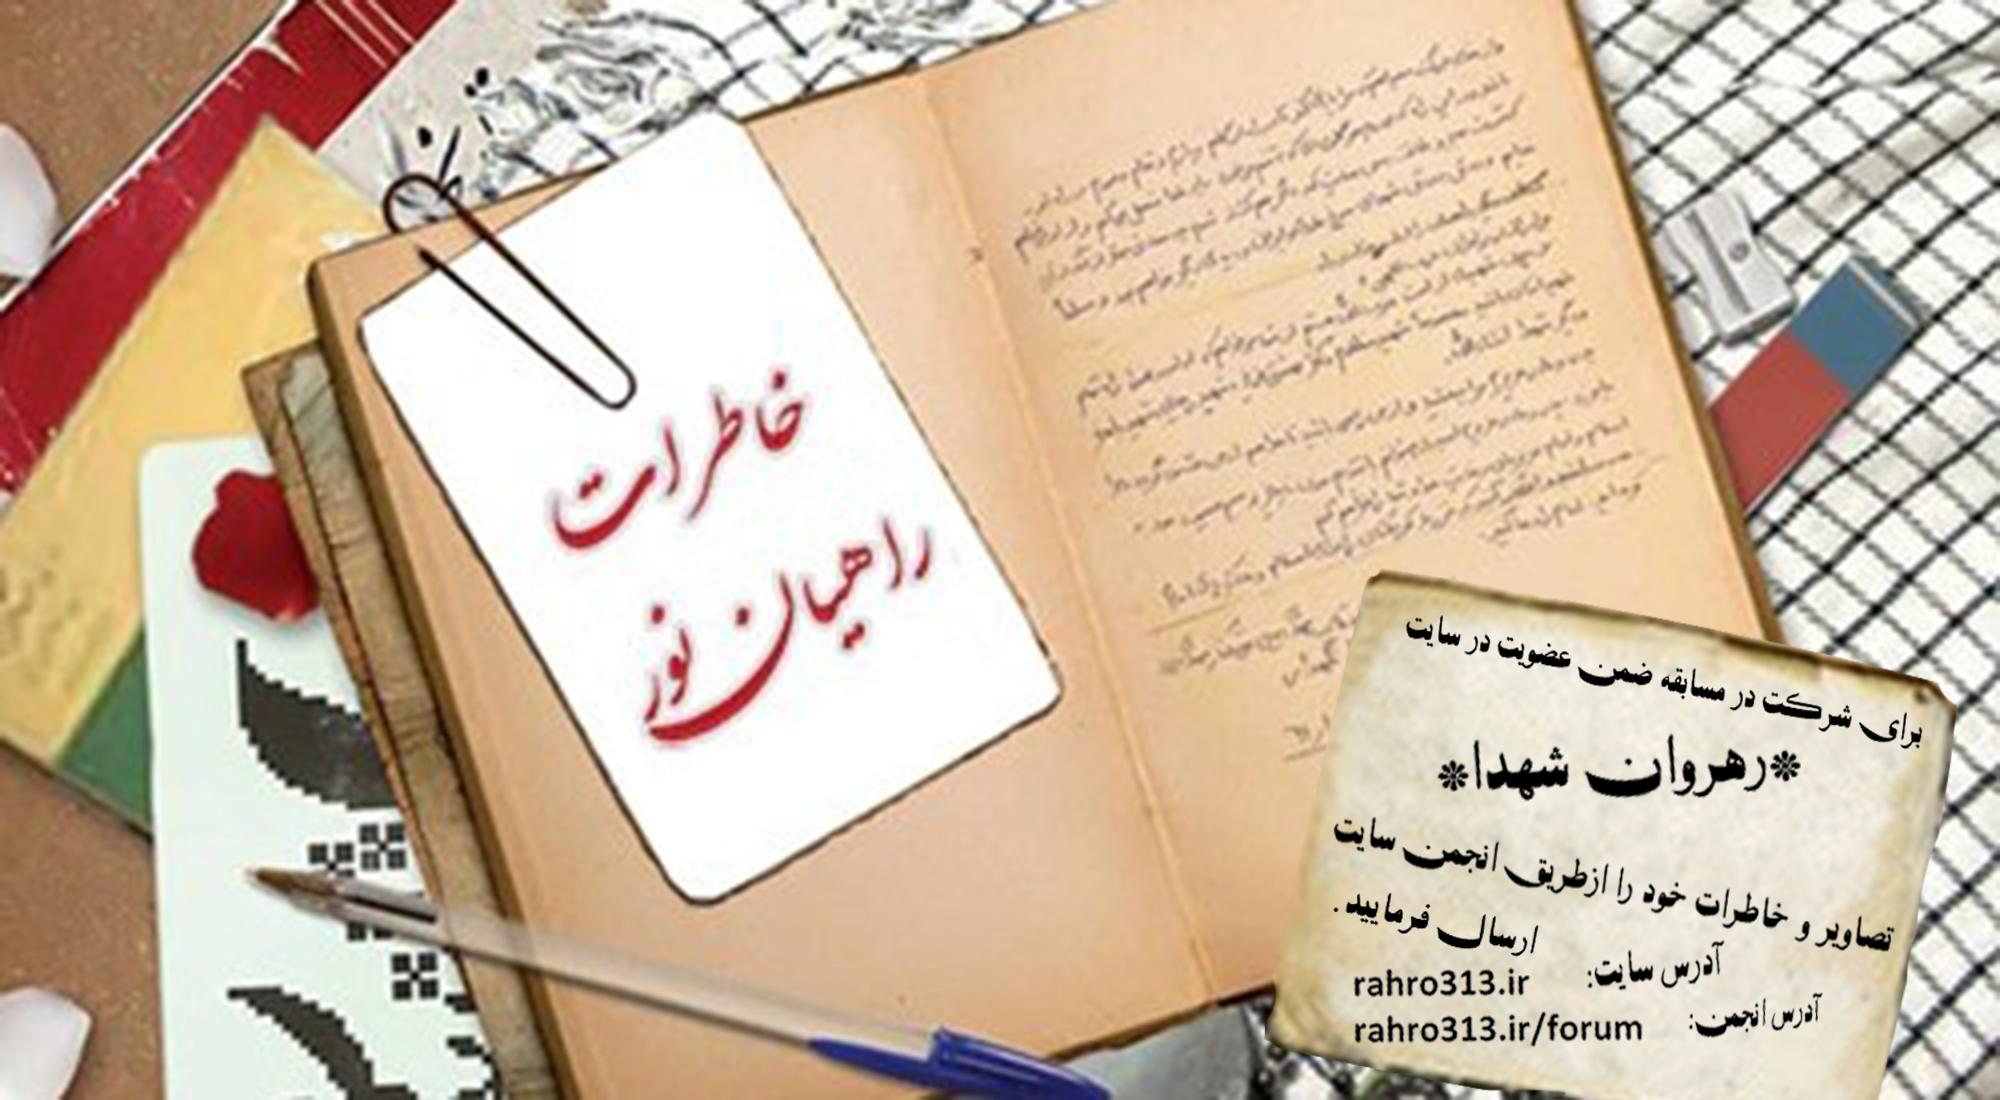 مسابقه خاطره نویسی راهیان نور دانش آموزی